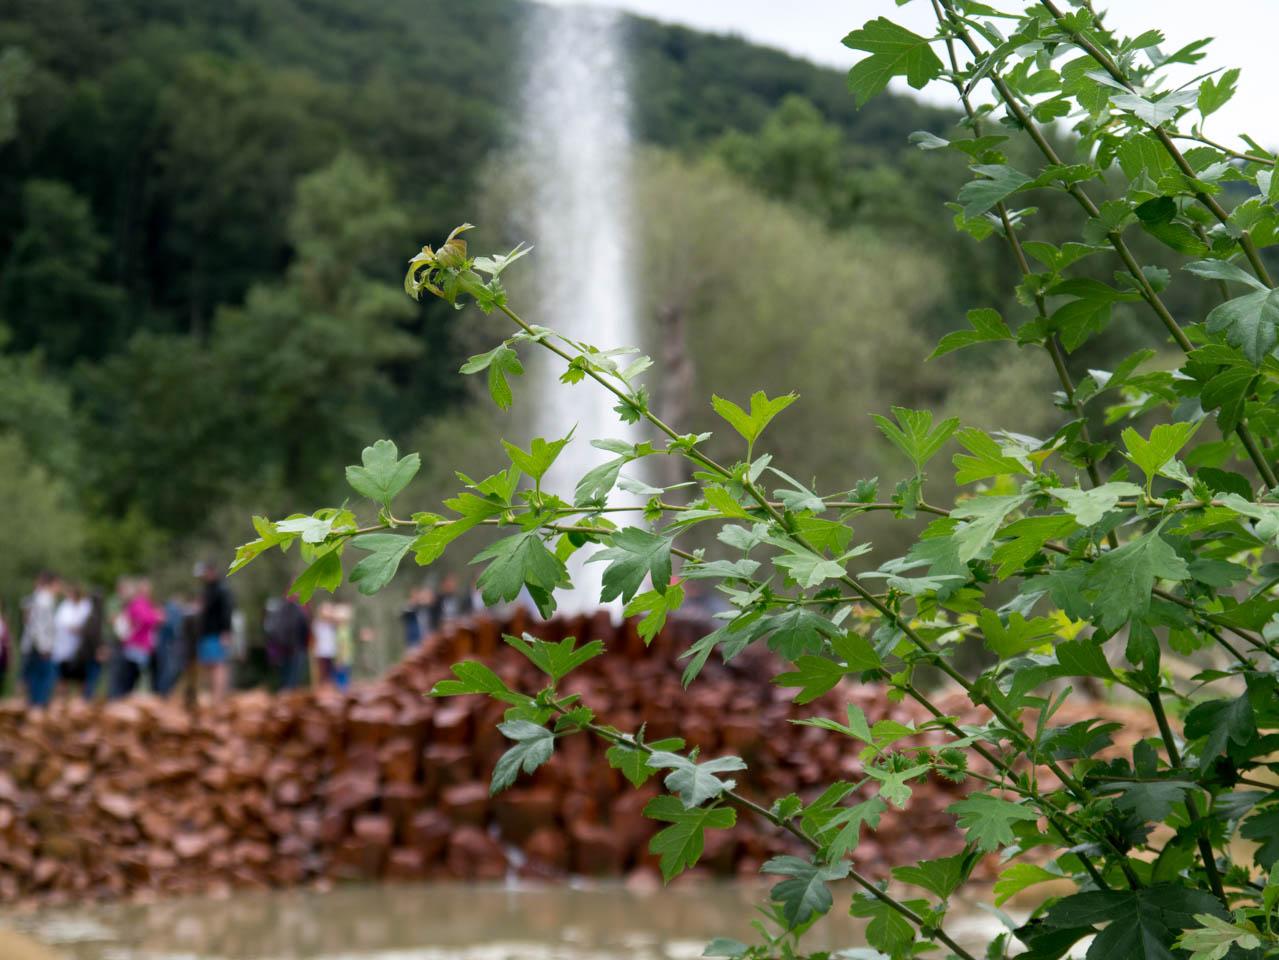 Naturgewalten im Naturschutzgebiet (1 von 1)